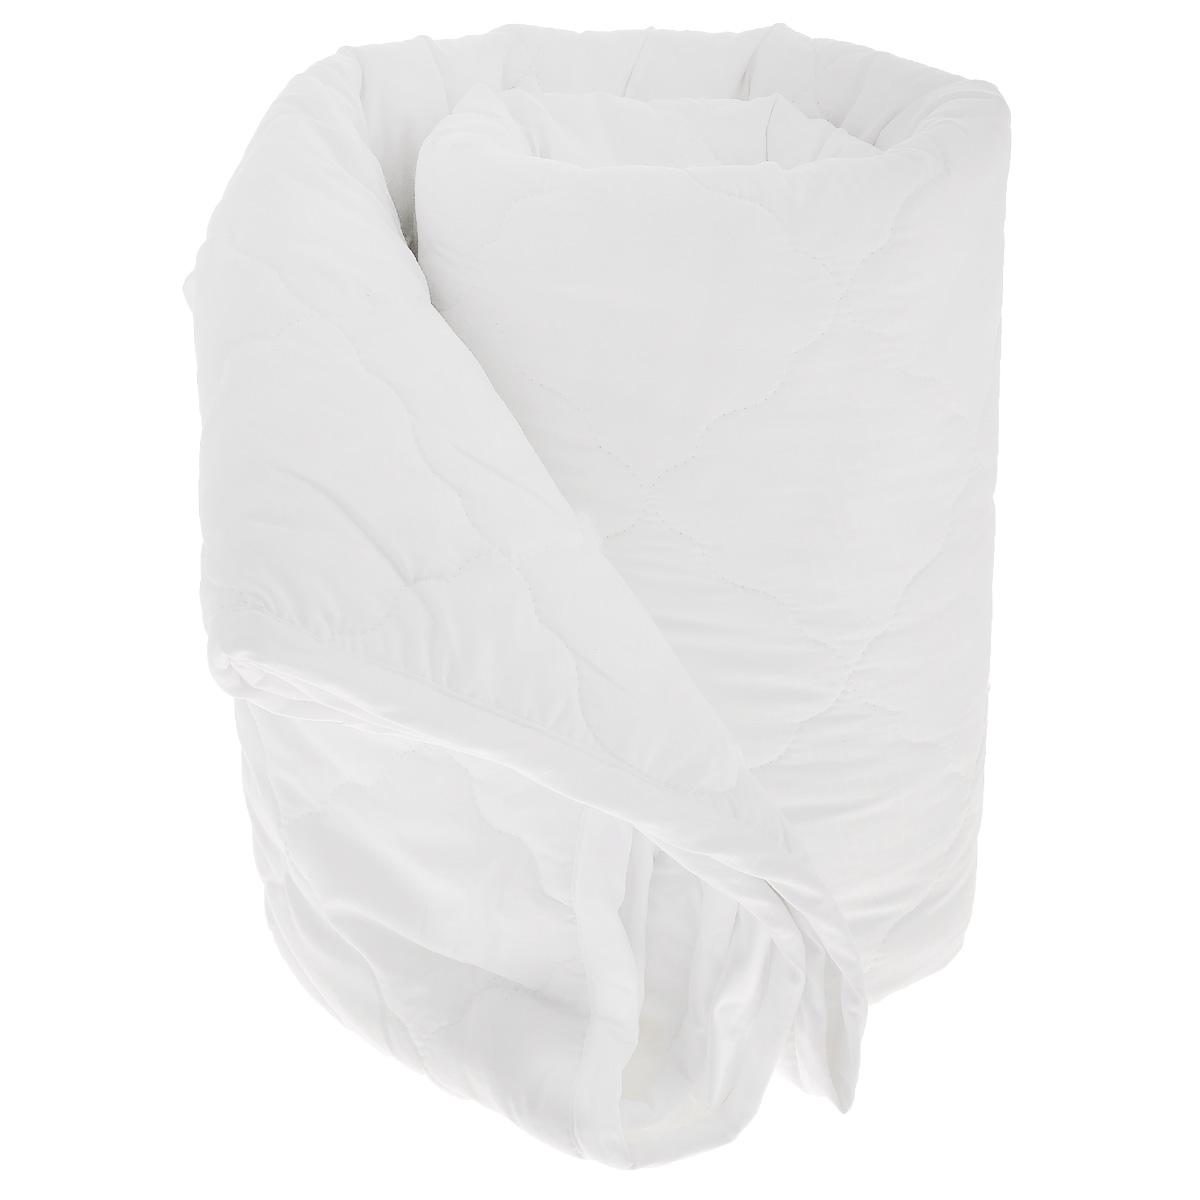 Одеяло La Prima В нежности микрофибры, наполнитель: полиэфирное волокно, цвет: белый, 200 х 220 см860/0222945/100/1942Одеяло La Prima В нежности микрофибры очень легкое, воздушное и одновременно теплое. Идеально подойдет тем, кто ценит мягкость и тепло. Такое изделие подарит комфортный сон. Благодаря особой структуре микроволокна, изделие приобретают дополнительную мягкость и надолго сохраняют свой первоначальный вид. Чехол одеяла выполнен из шелковистой микрофибры, оформленной изящным фактурным теснением под кожу рептилий. Наполнитель - полиэфирное волокно - холлотек. Изделие обладает высокой воздухопроницаемостью, прекрасно сохраняет тепло. Оно гипоаллергенно и очень практично и неприхотливо в уходе. Ручная стирка при температуре 30°С. Материал чехла: 100% полиэстер - микрофибра. Наполнитель: полиэфирное волокно - холлотек.